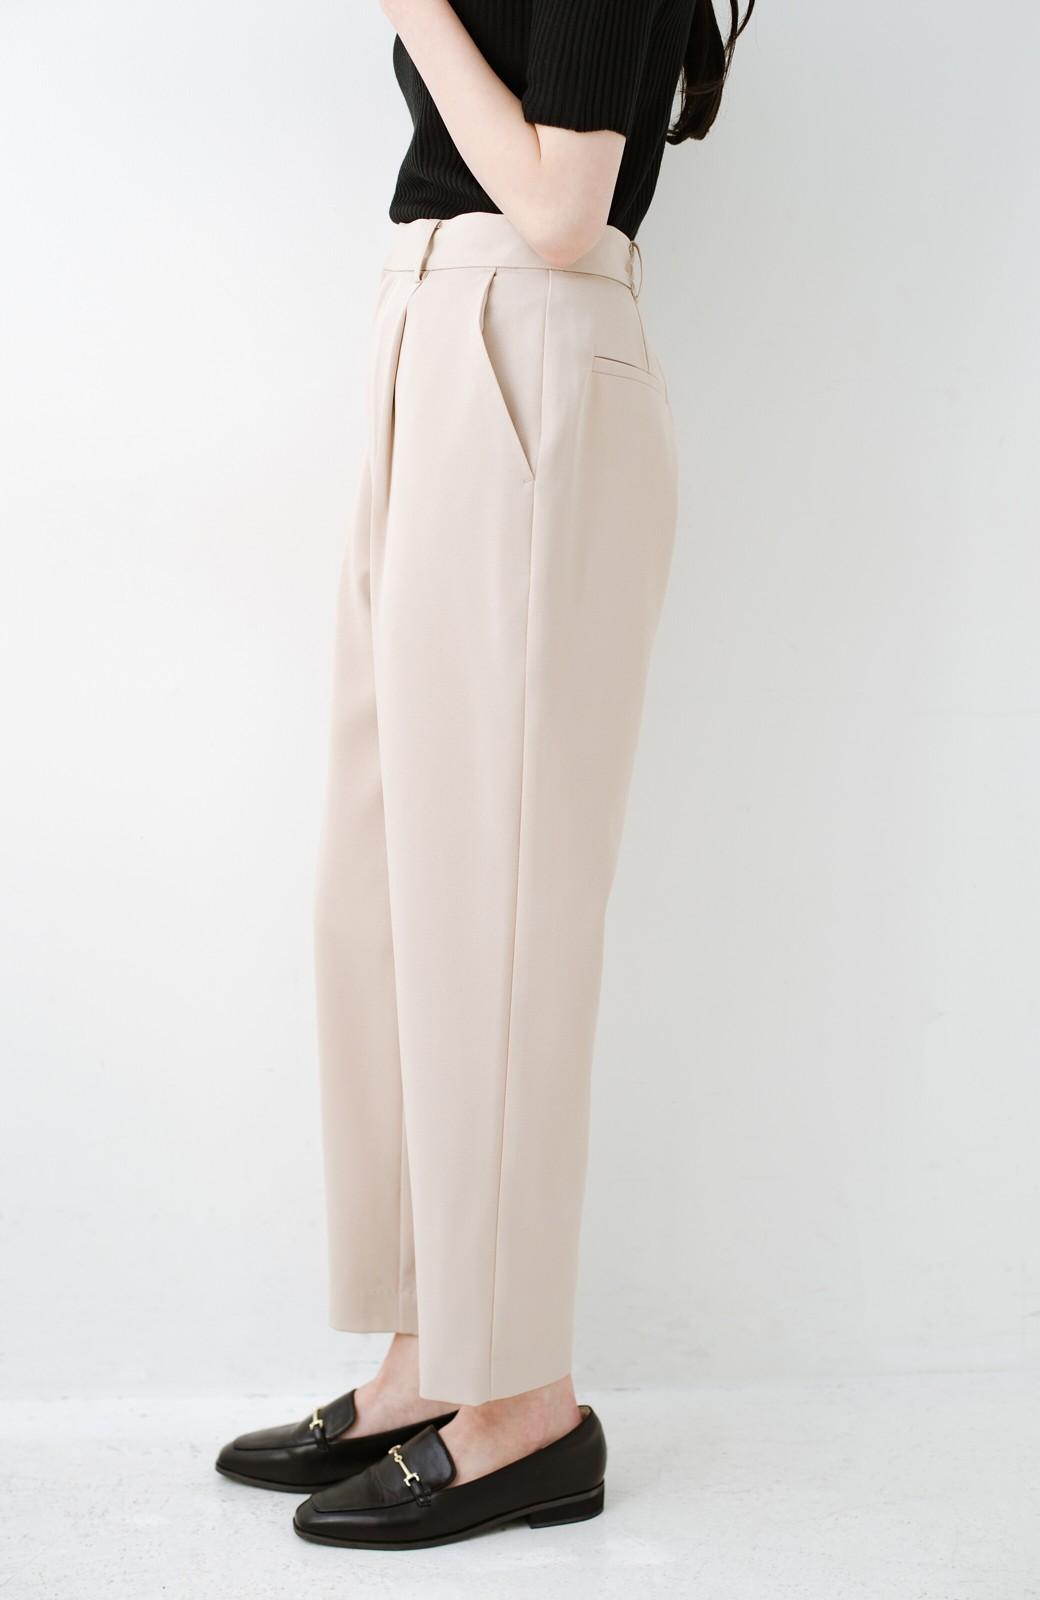 haco! いざというとき困らないための 大人のフォーマルジャケット・パンツ・スカート3点セット by que made me <ベージュ>の商品写真31